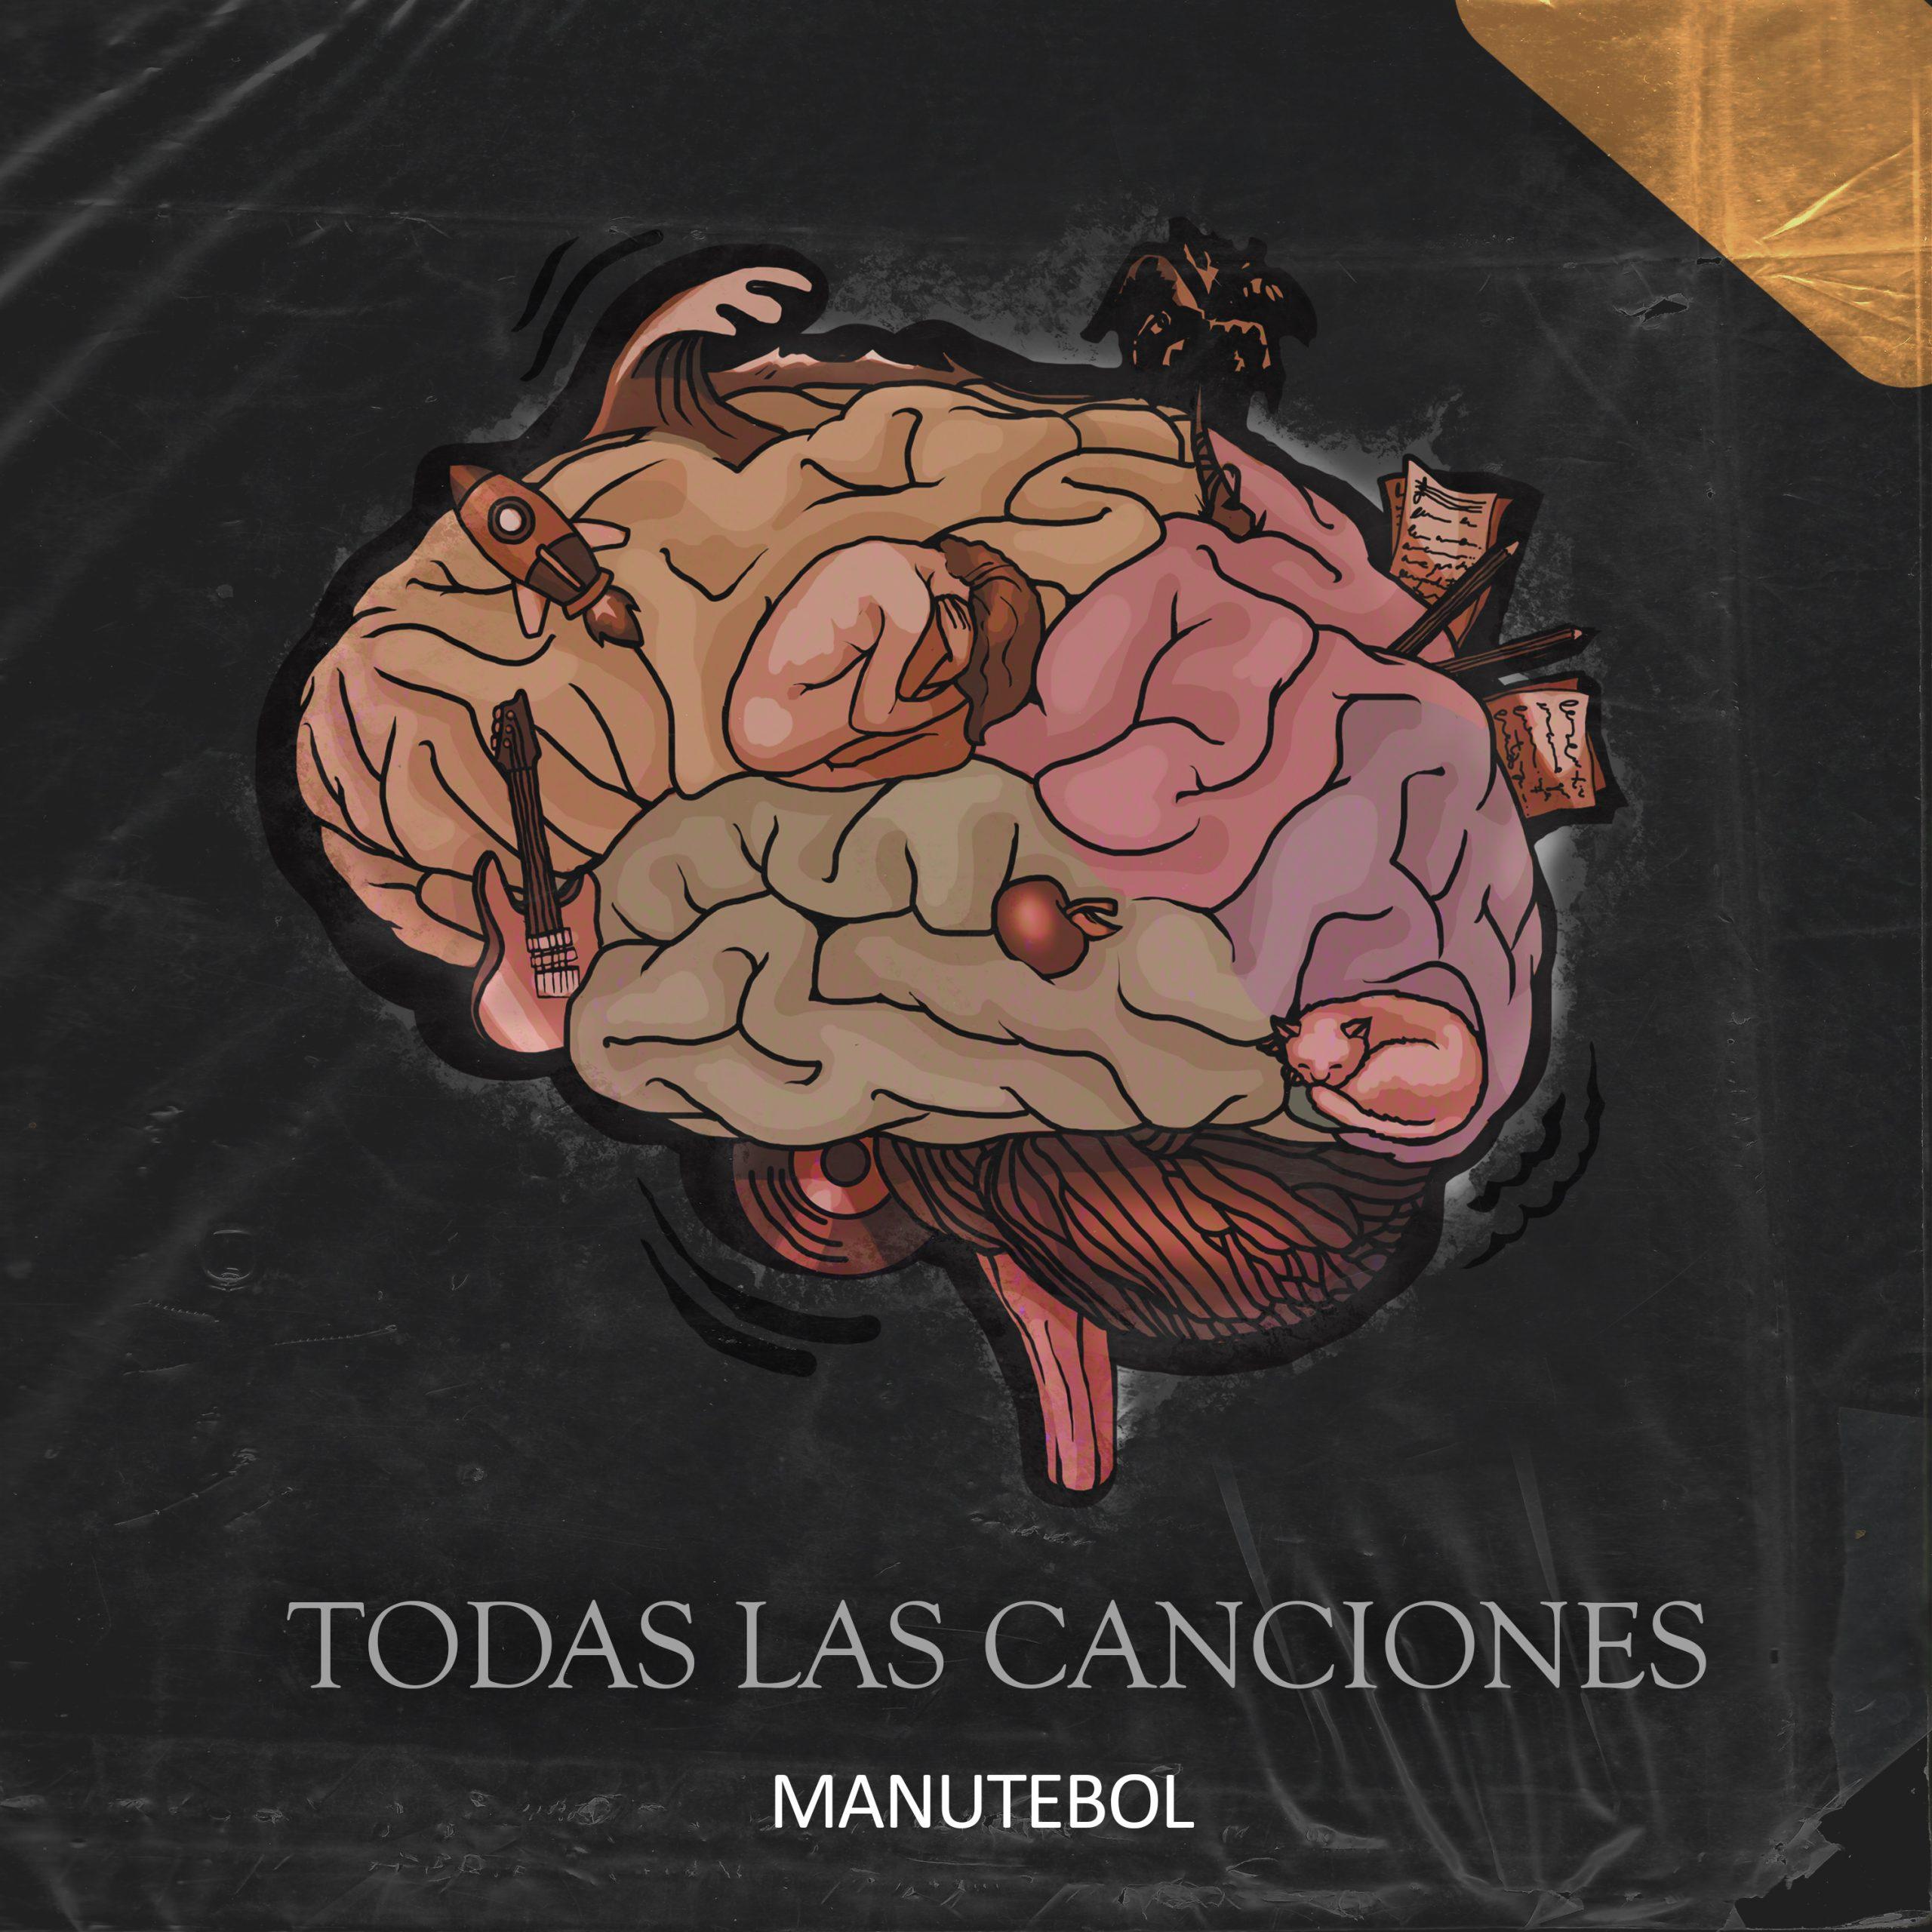 ManuteBol - Todas las canciones (Single)